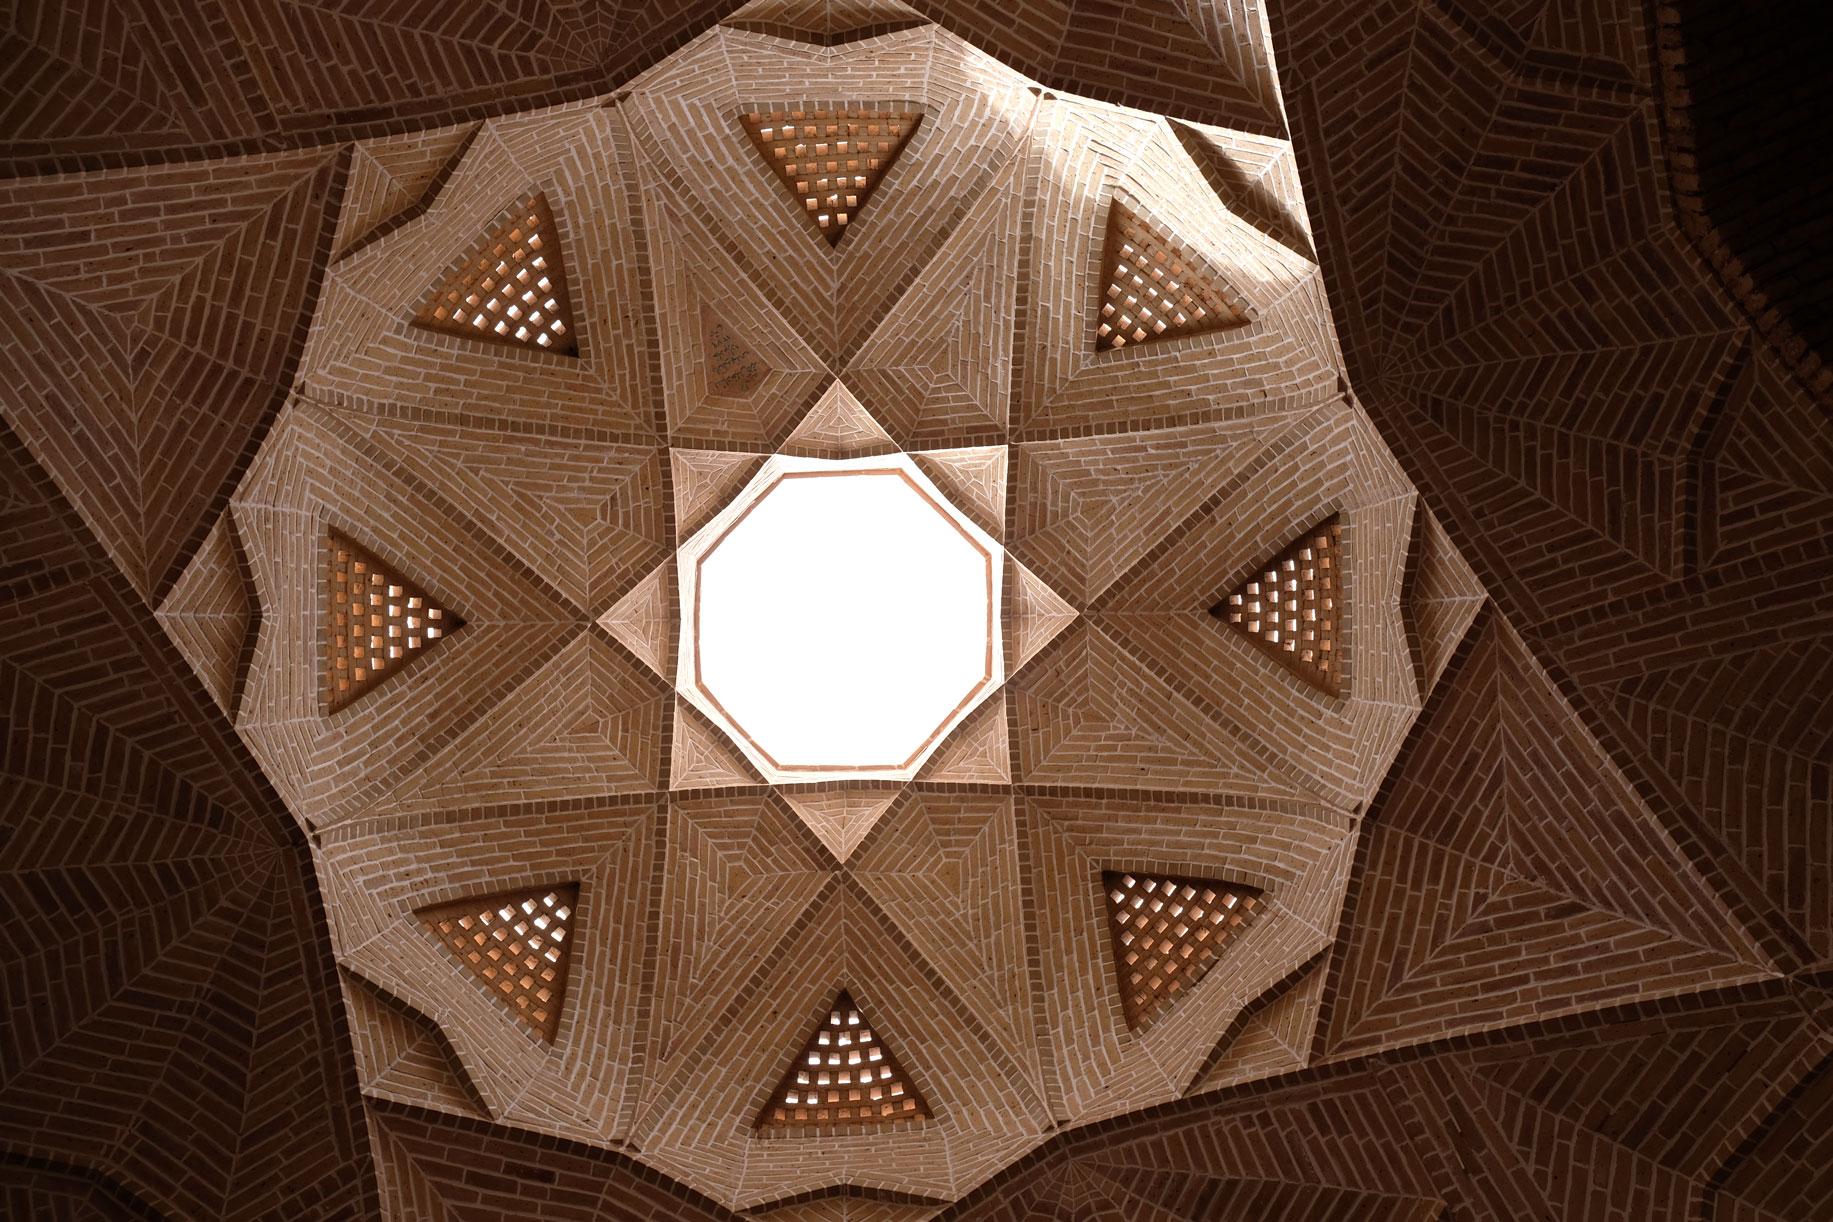 Ebenfalls in Meybod besuchen wir die historische Karavanserei mit geometrischem Vordach